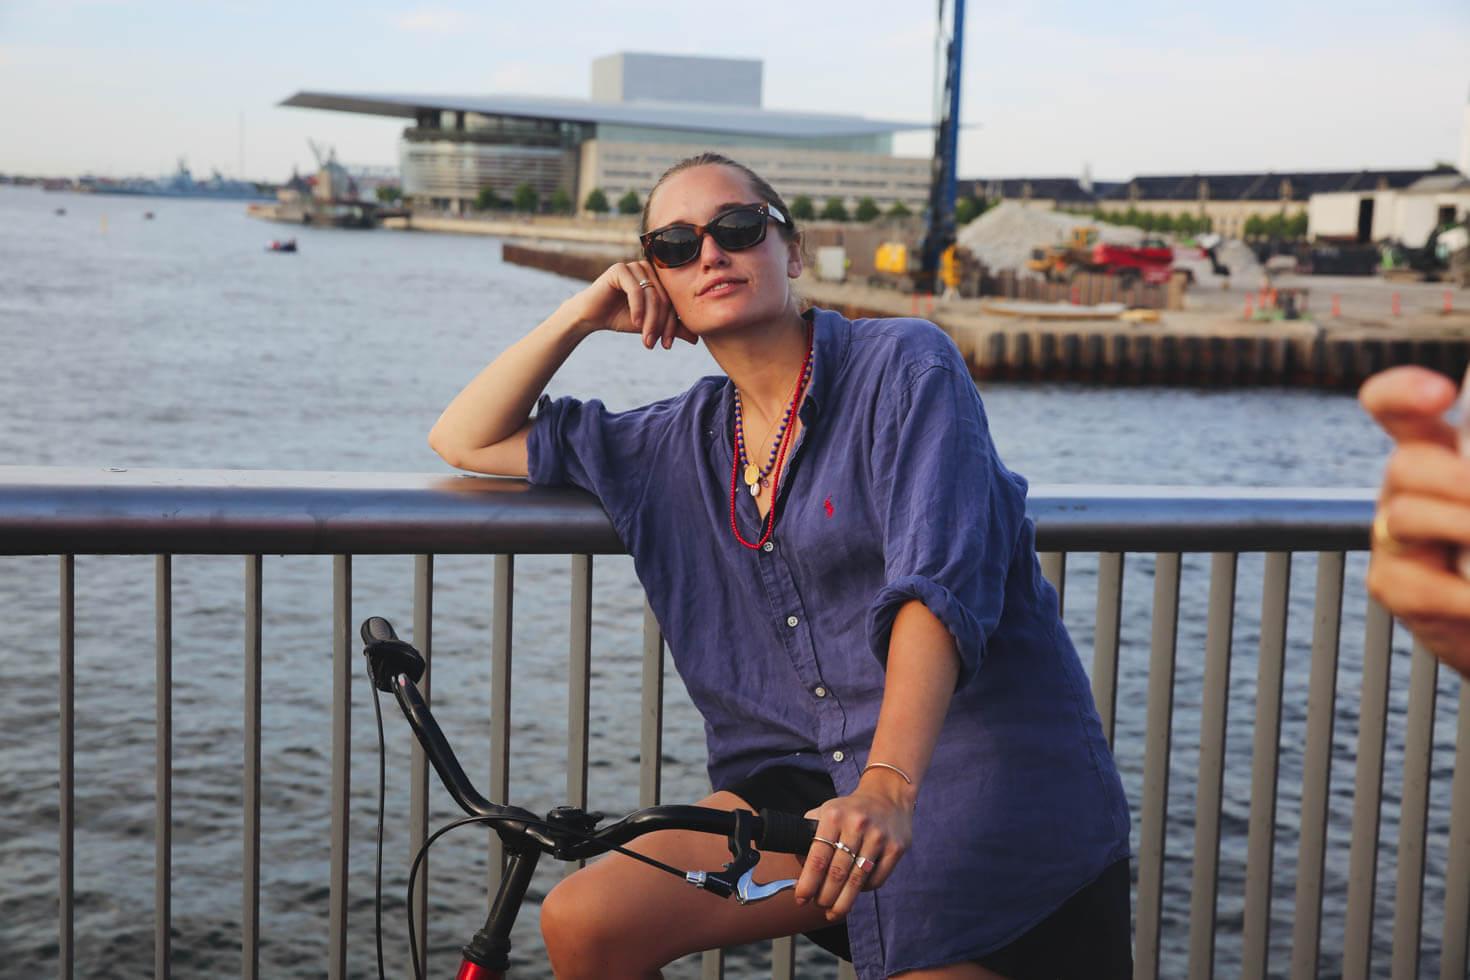 Kopenhamnsguide restauranger, hyra cykel, klubb-28